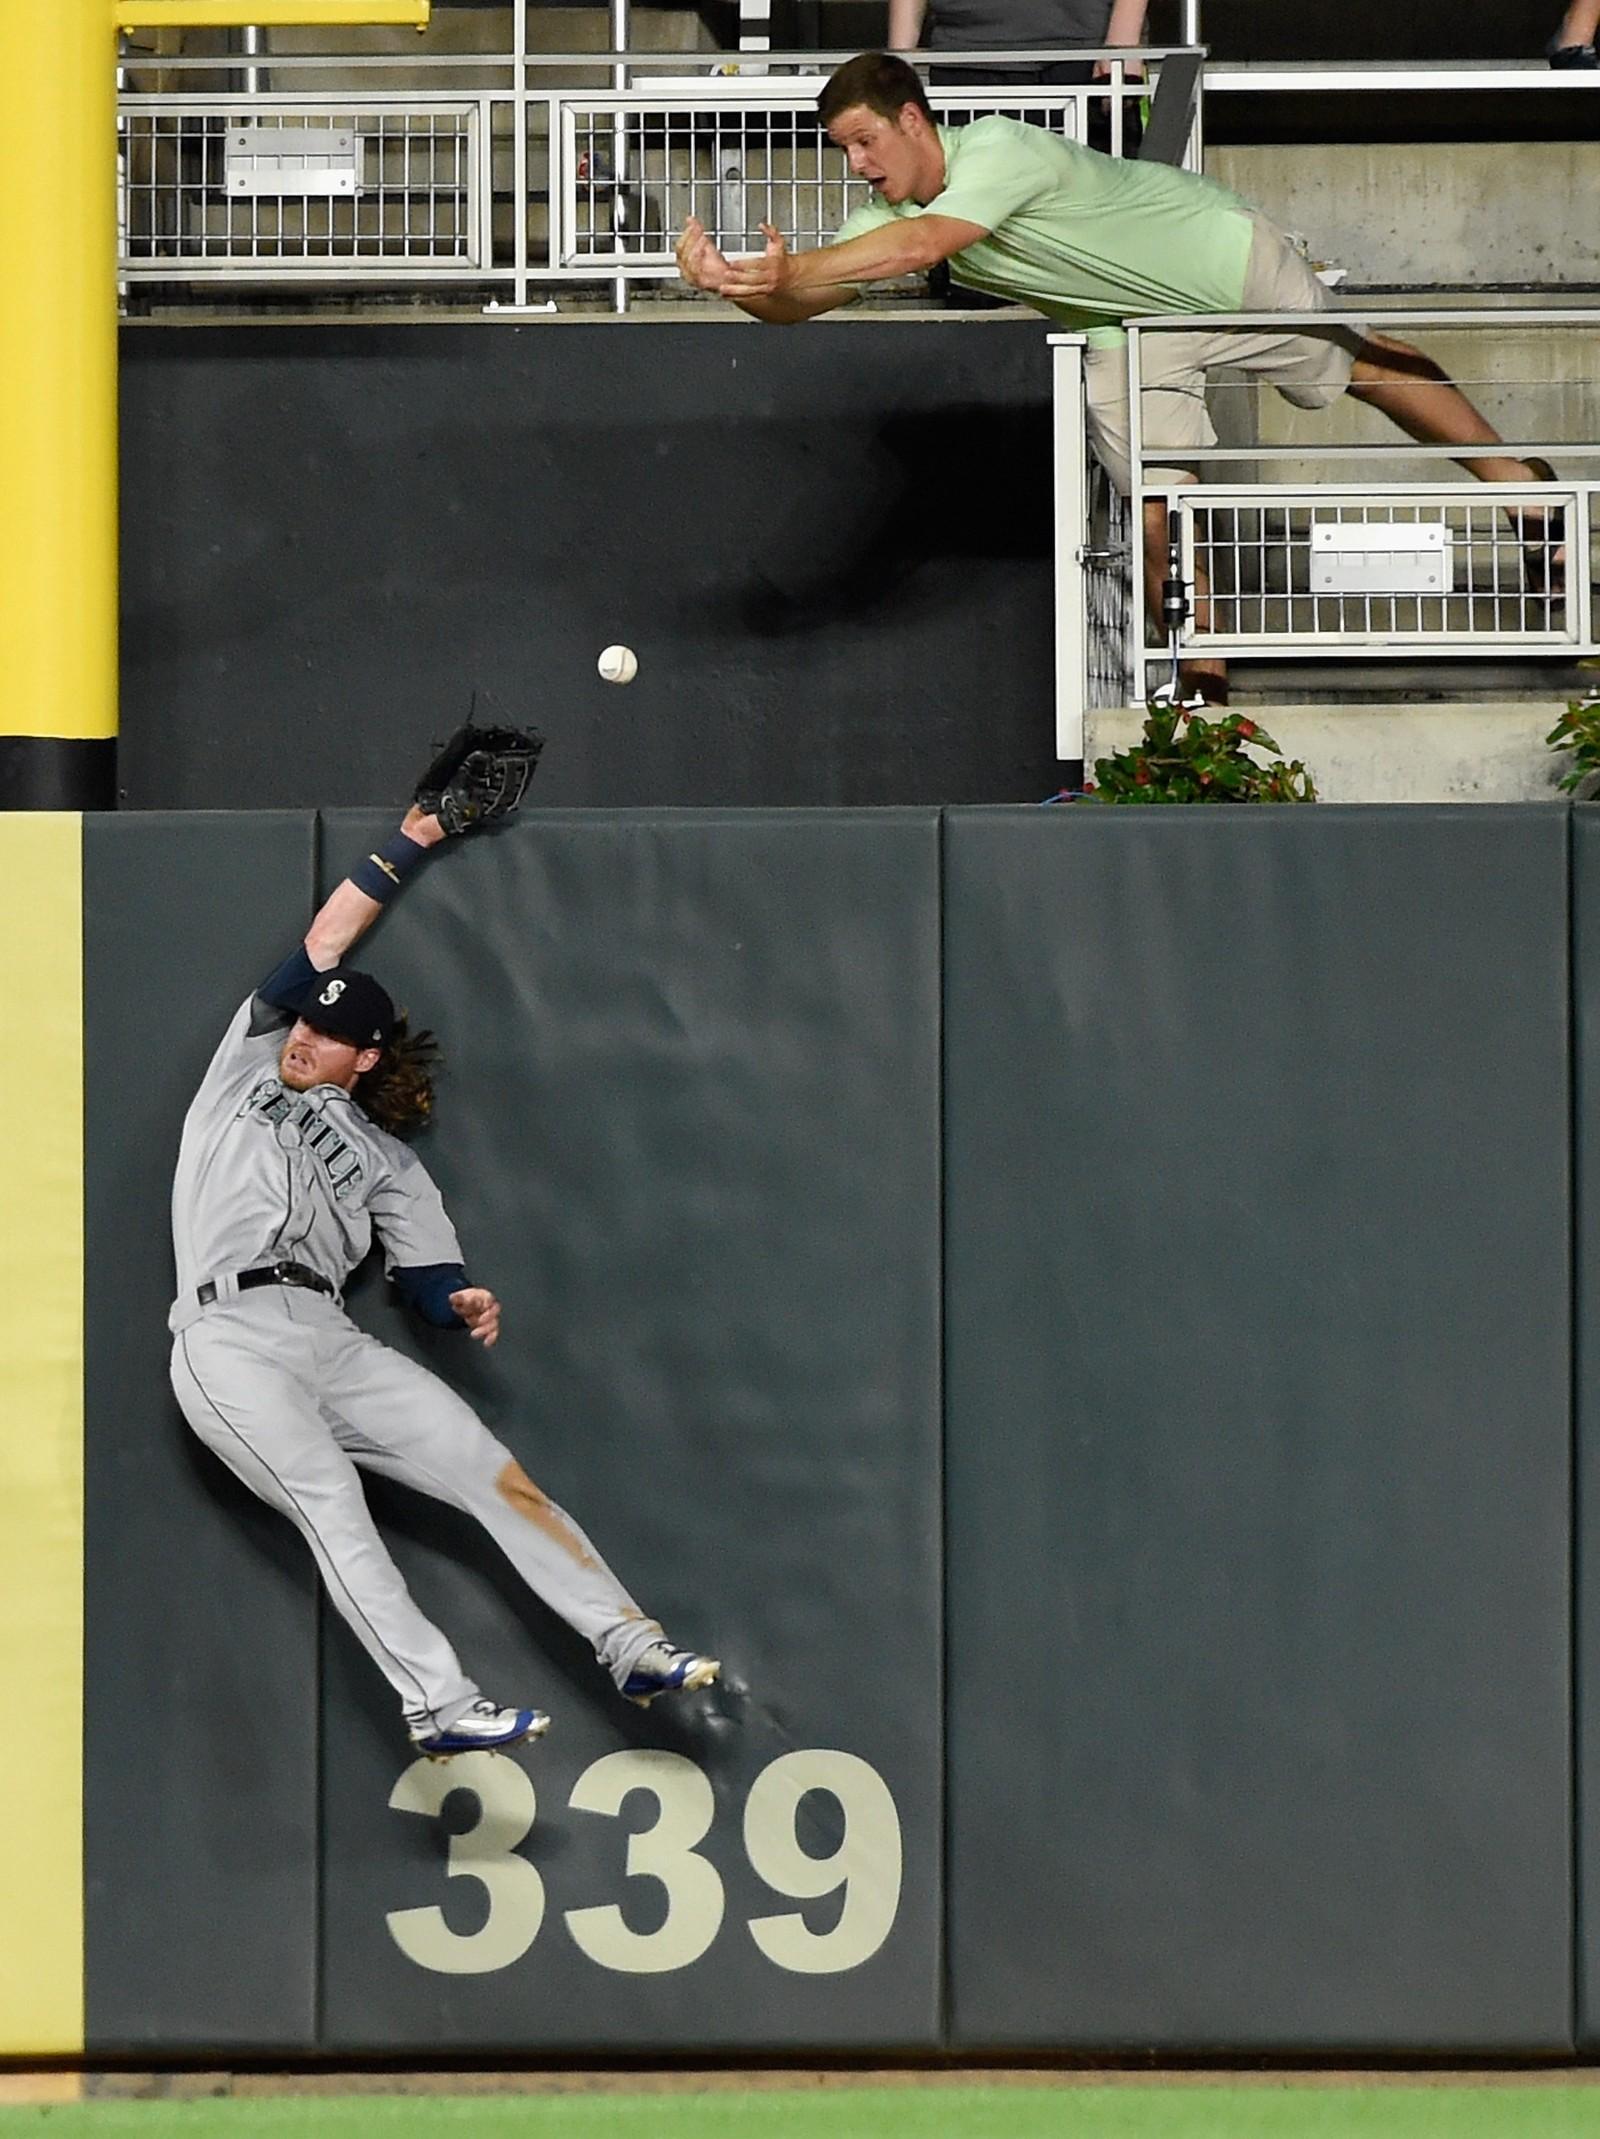 Verken Seattle Mariners' Mitch Haniger eller dagens ivrigste fra publikum fikk tak i ballen under denne baseballkampen der hjemmelaget tapte 20-7 mot Minnesota Twins